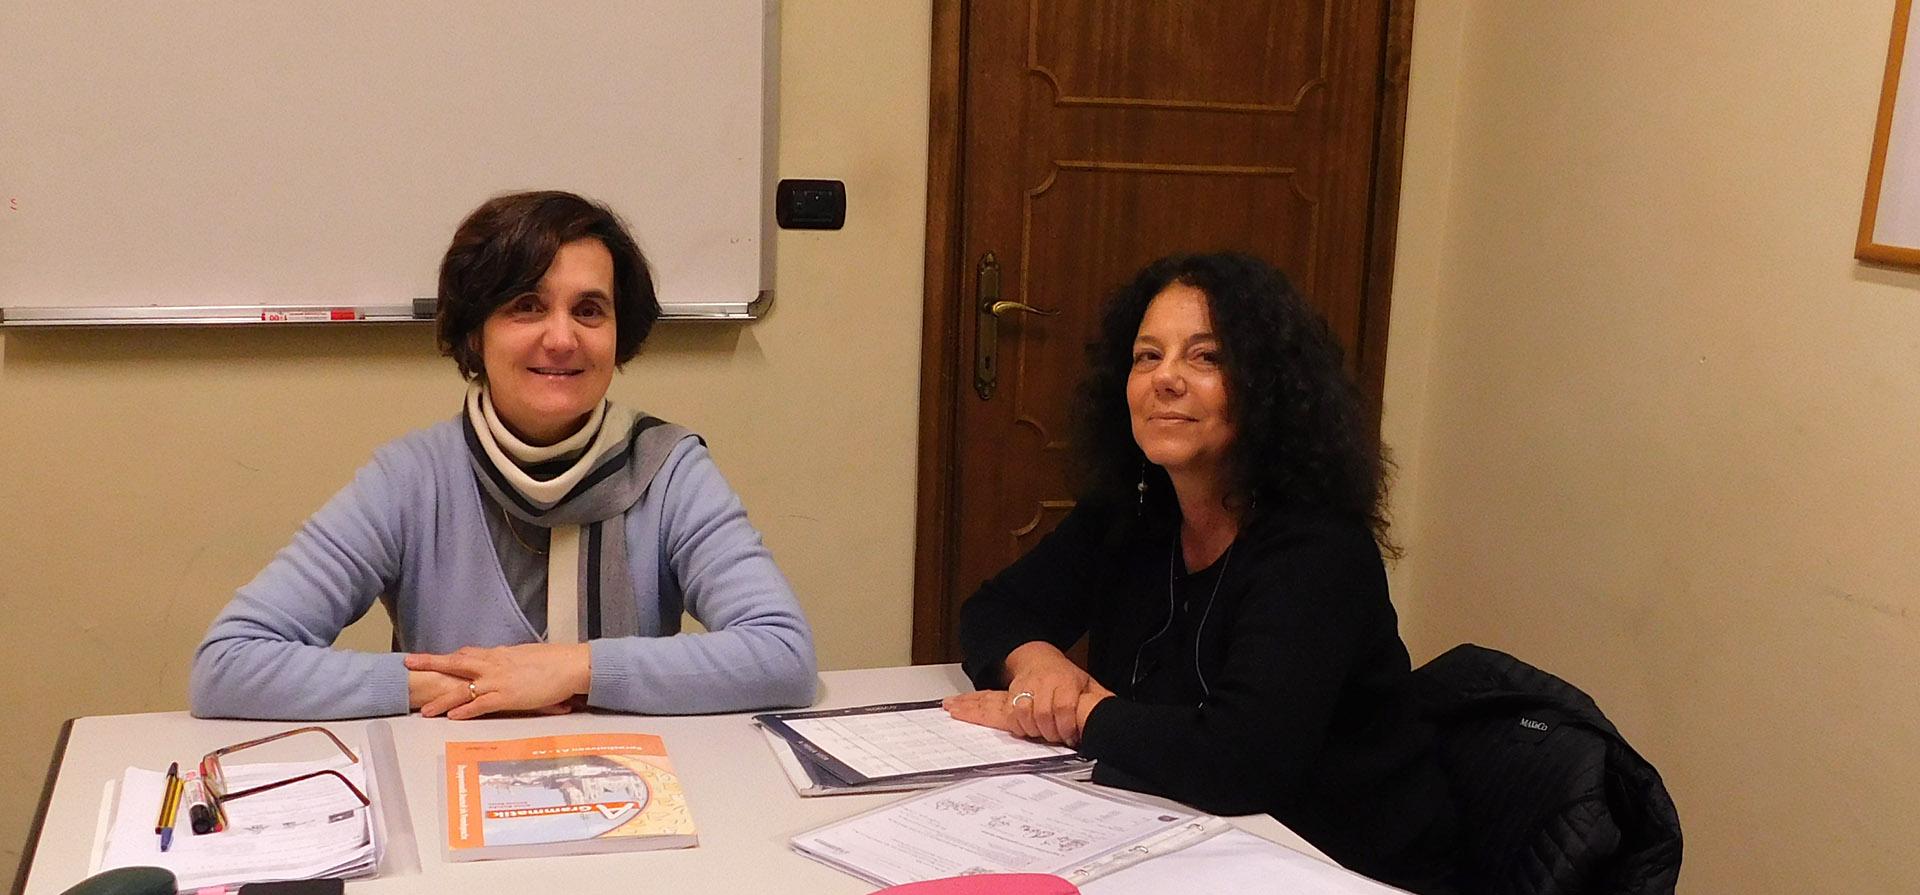 Corso di tedesco alla scuola Parola di Firenze